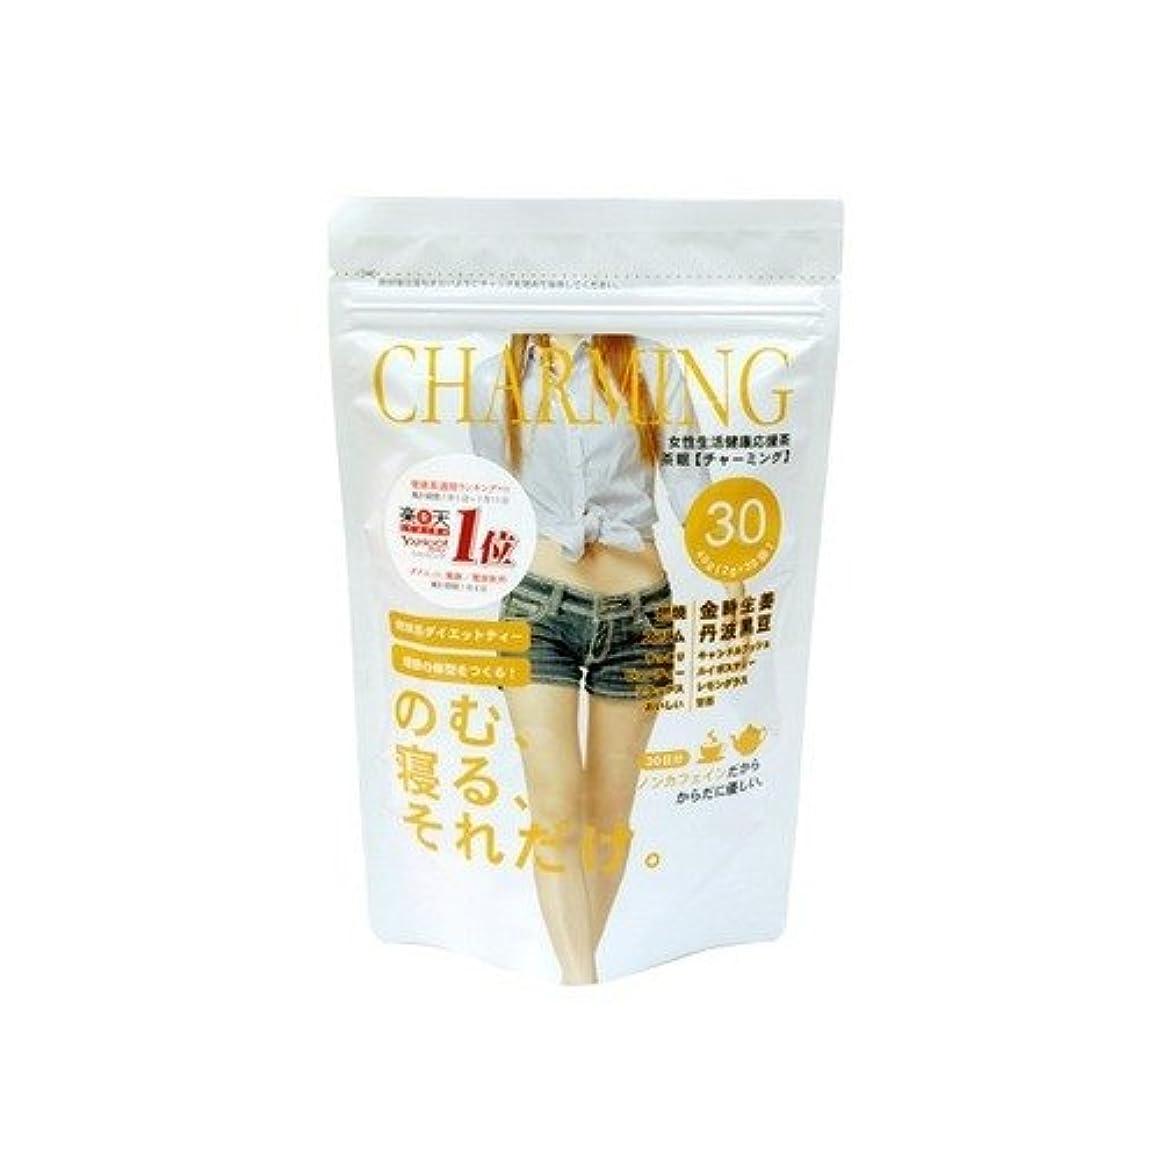 ホステス雰囲気繰り返す★ 茶眠(チャーミング) 30包 CHARMING